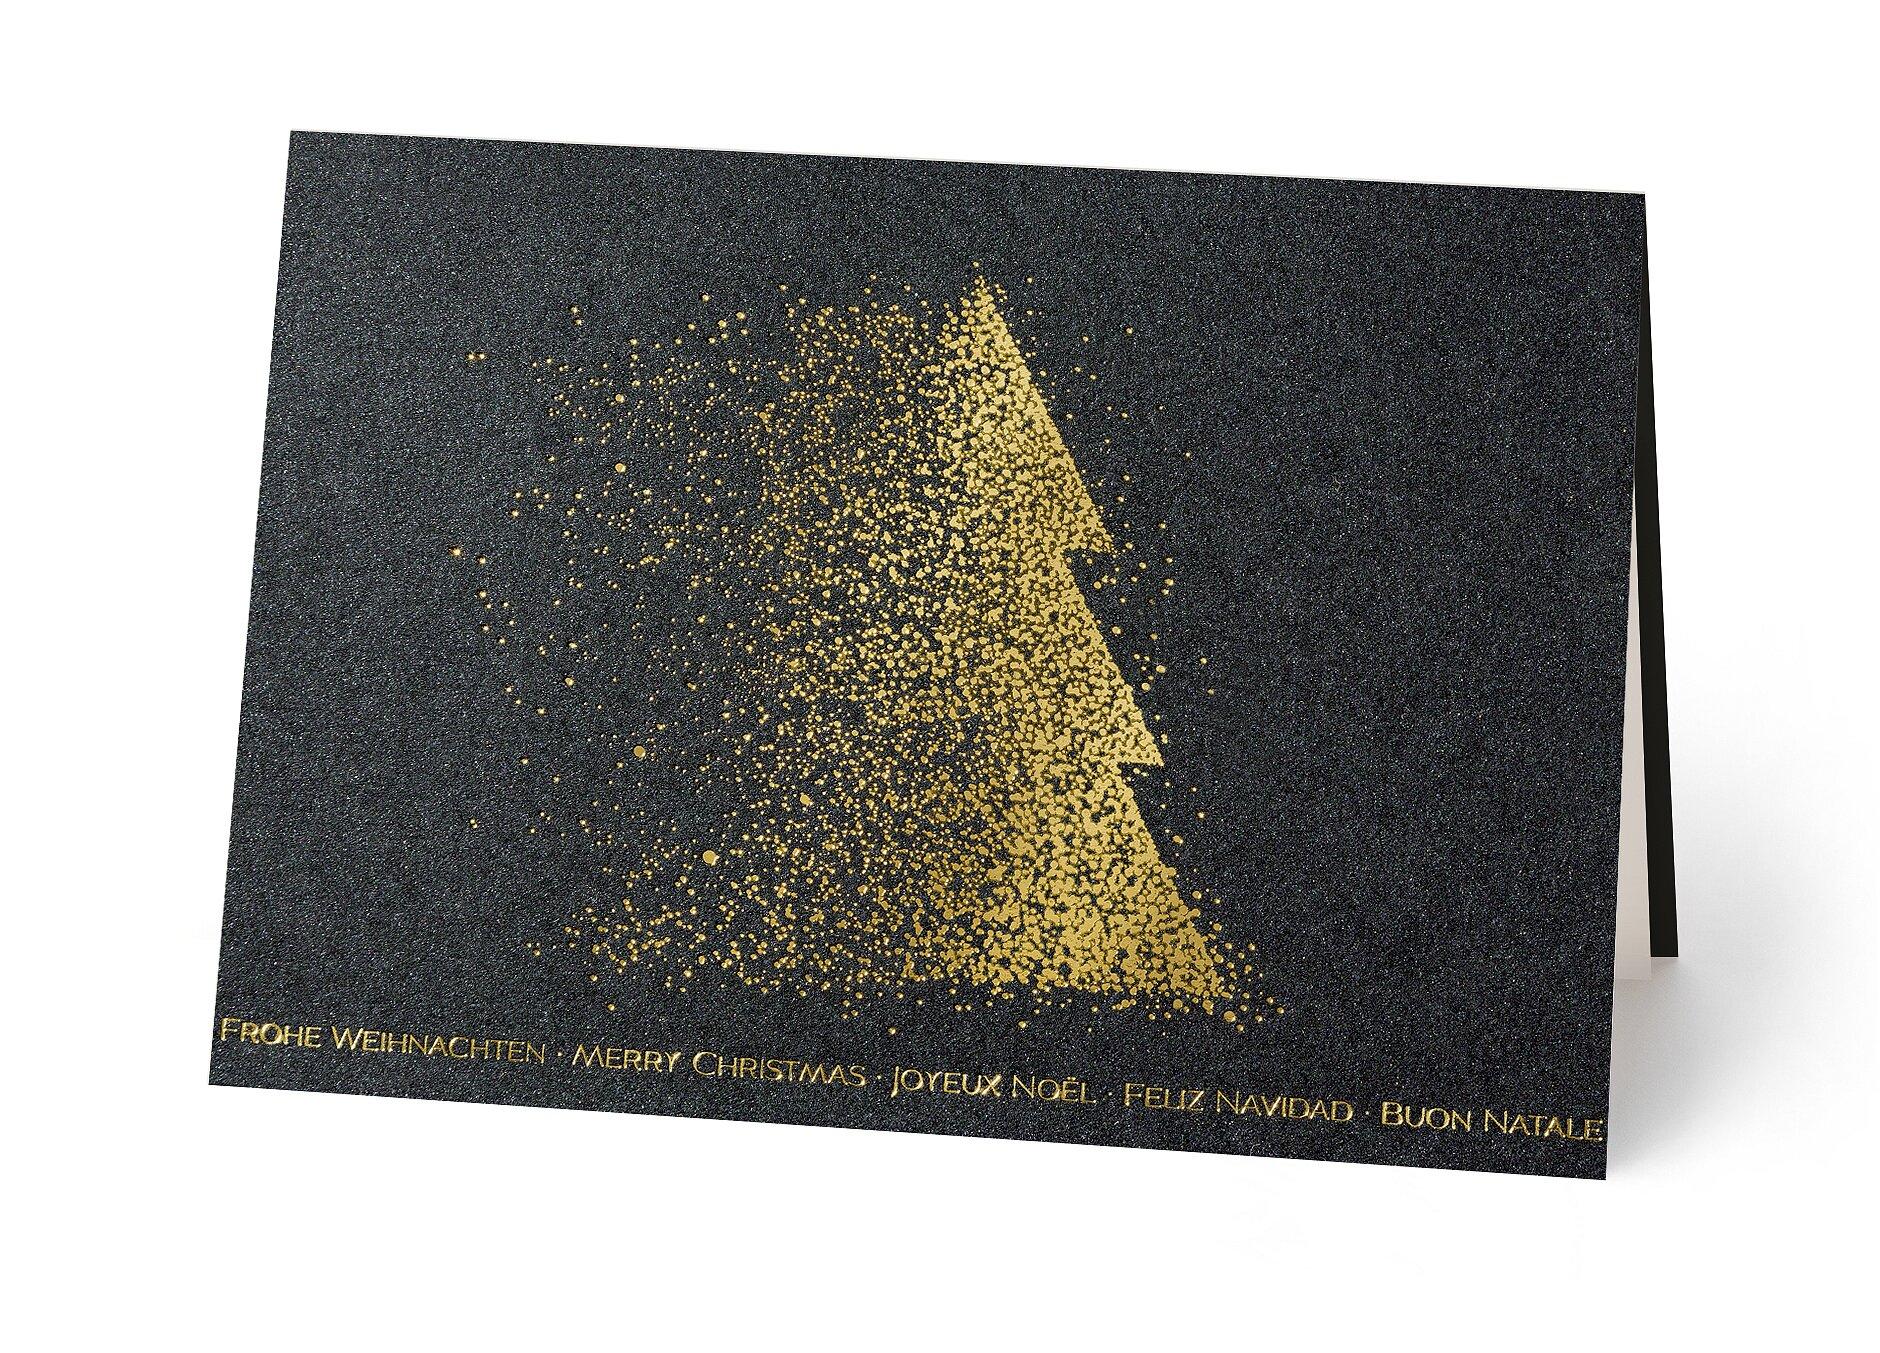 Weihnachtskarten herzstiftung inkl kuvert archiv - Weihnachtskarten shop ...